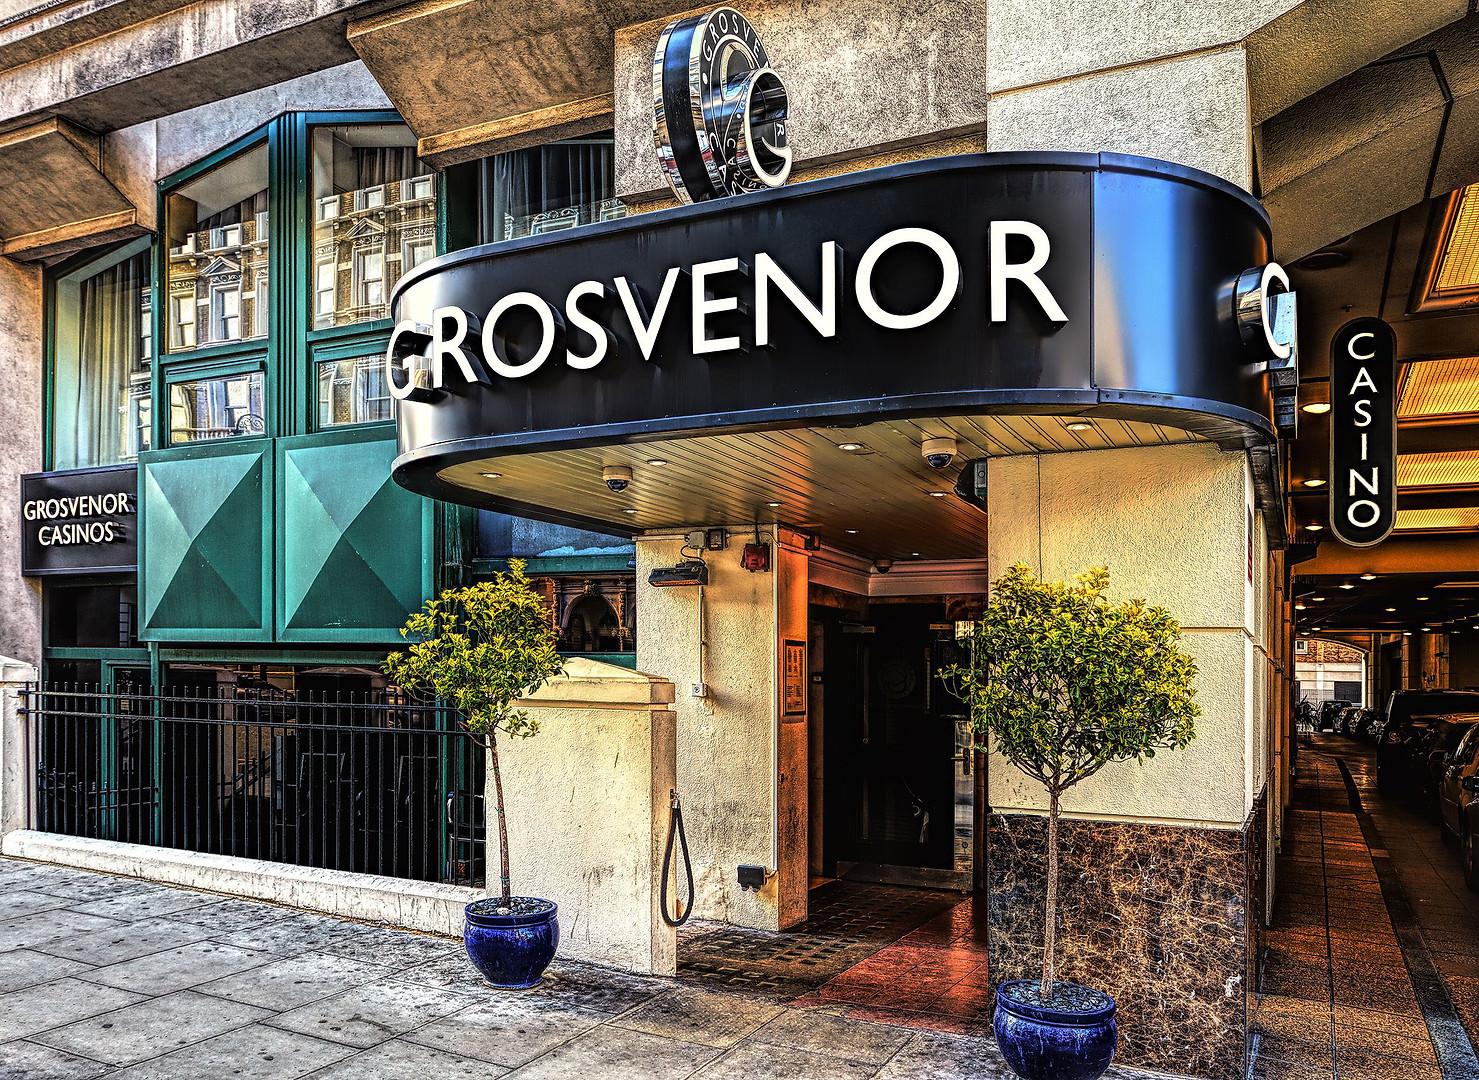 The Gloucester - Grosvenor